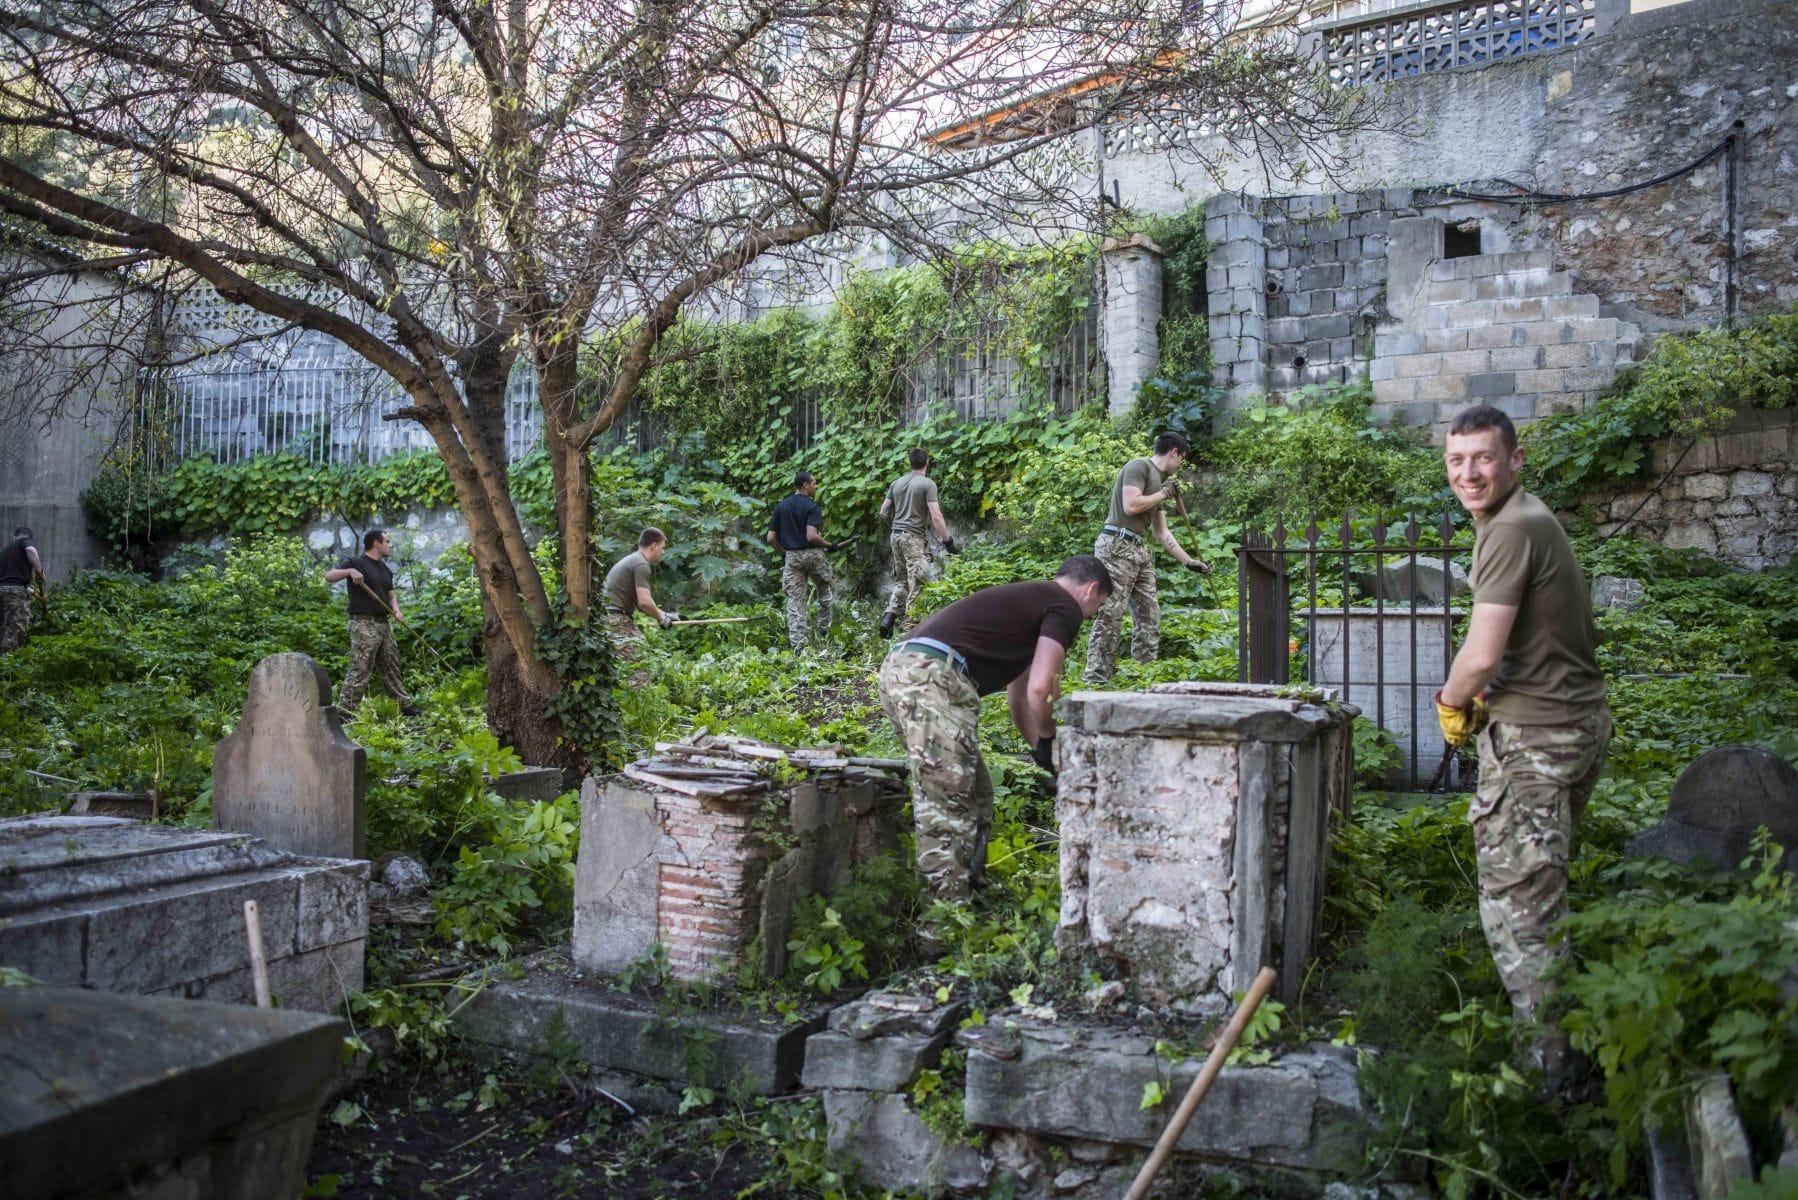 restauracin-cementerio-witham-10_25384698391_o